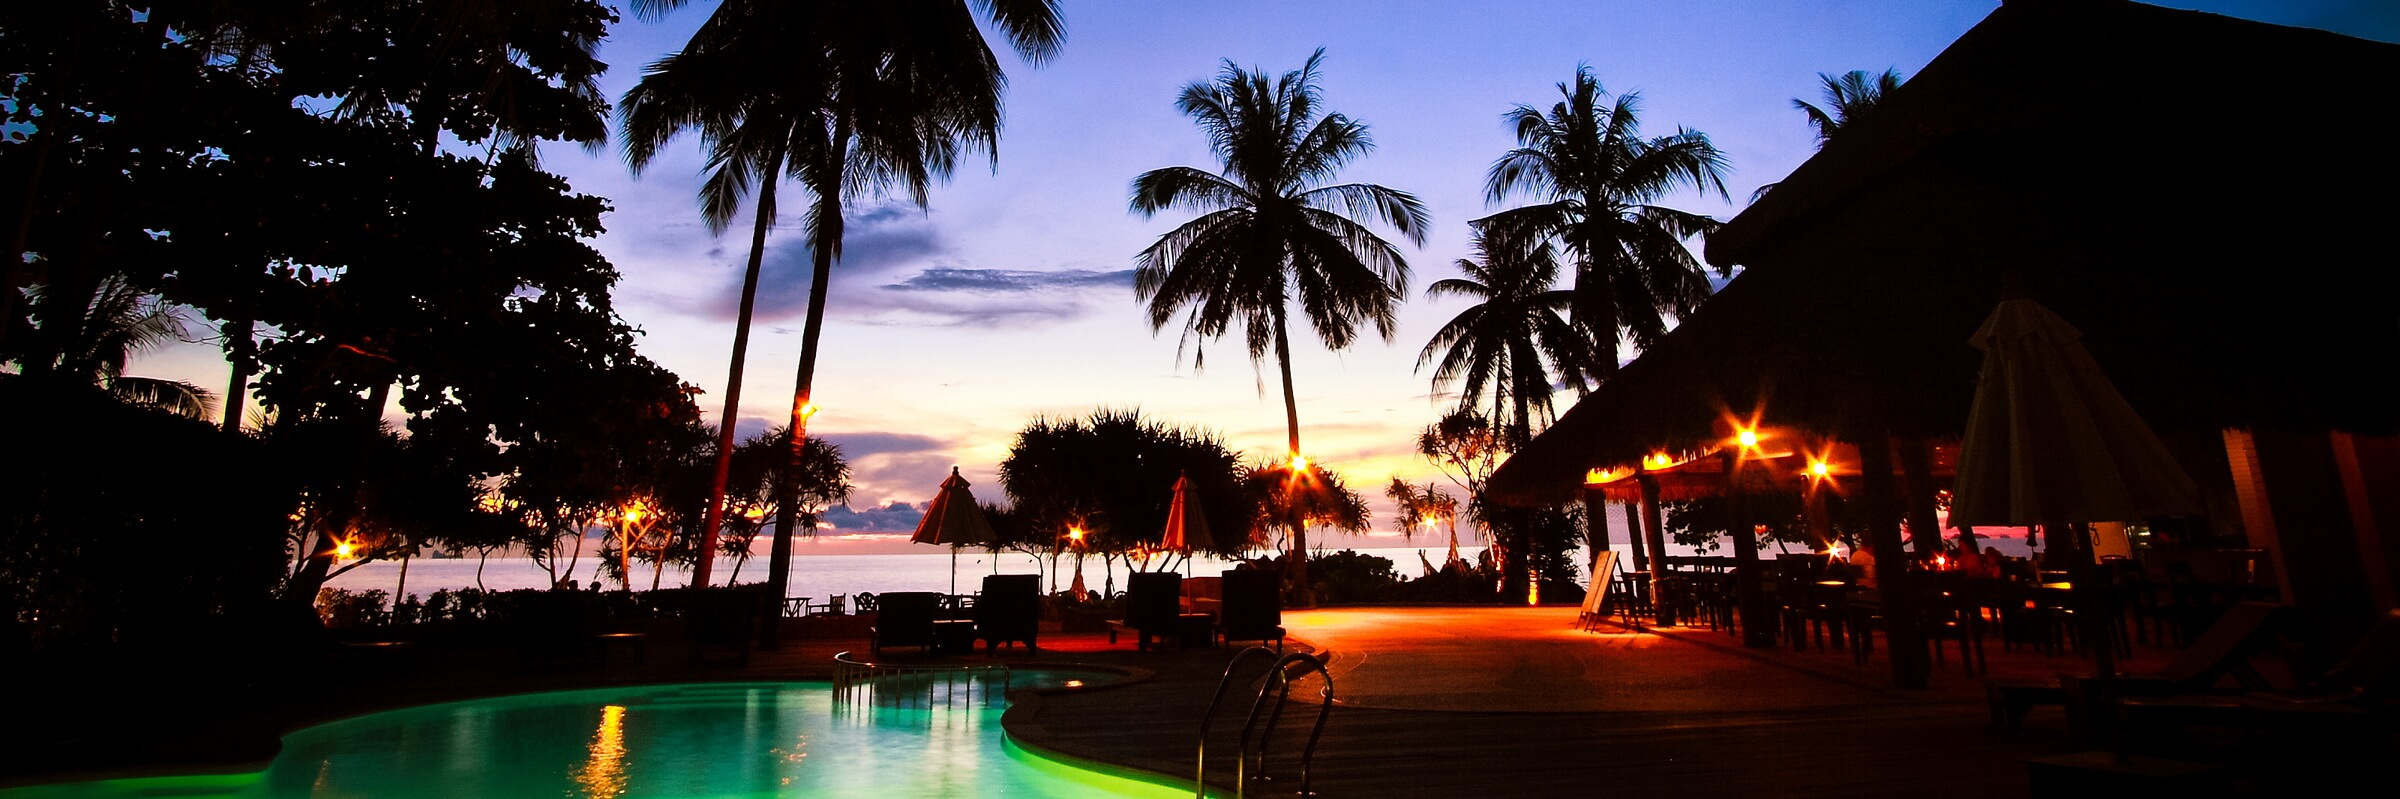 Der Pool bei Sonnenuntergang im Moonlight Exotic Bay Resort wirkt malerisch